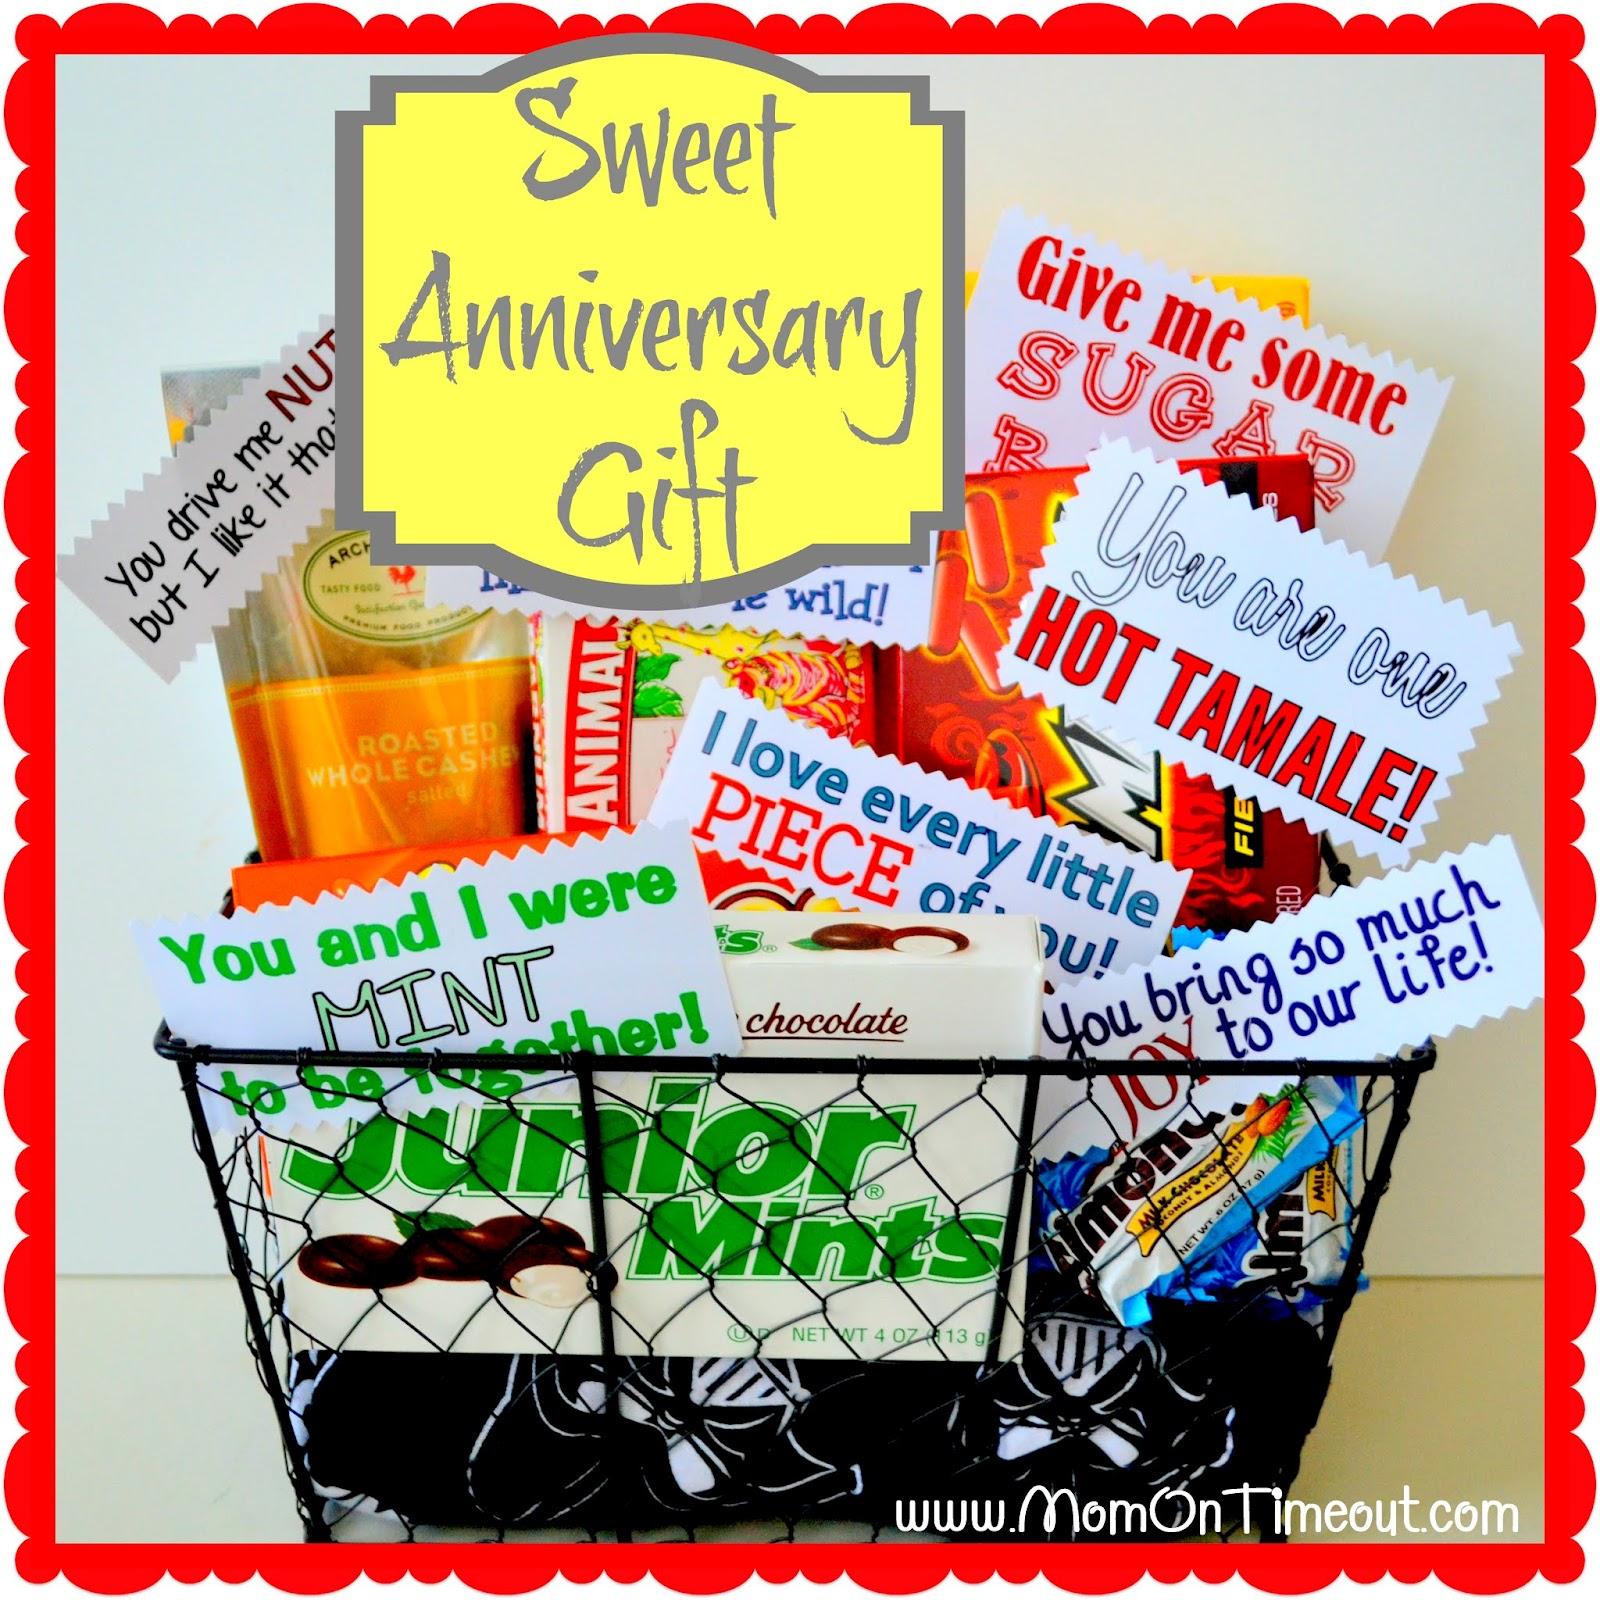 sweet anniversary gift 6th wedding anniversary gift Sweet Anniversary Gift